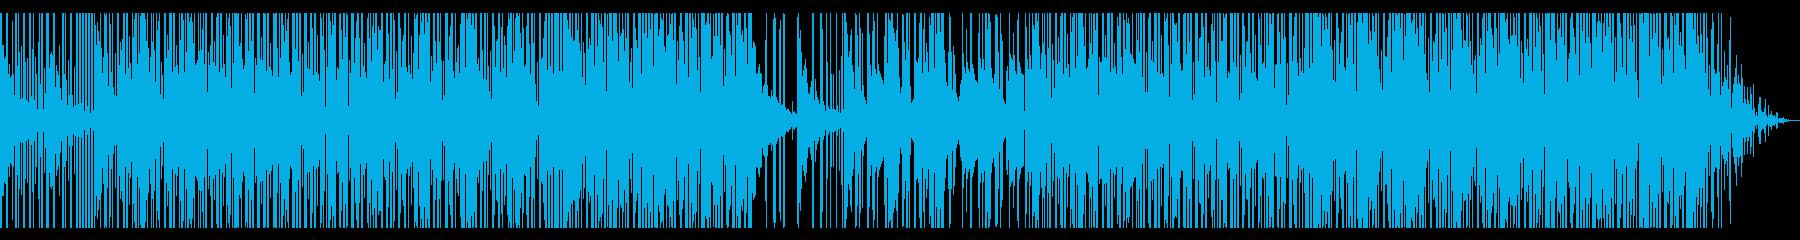 ムーディー/R&B_No395の再生済みの波形